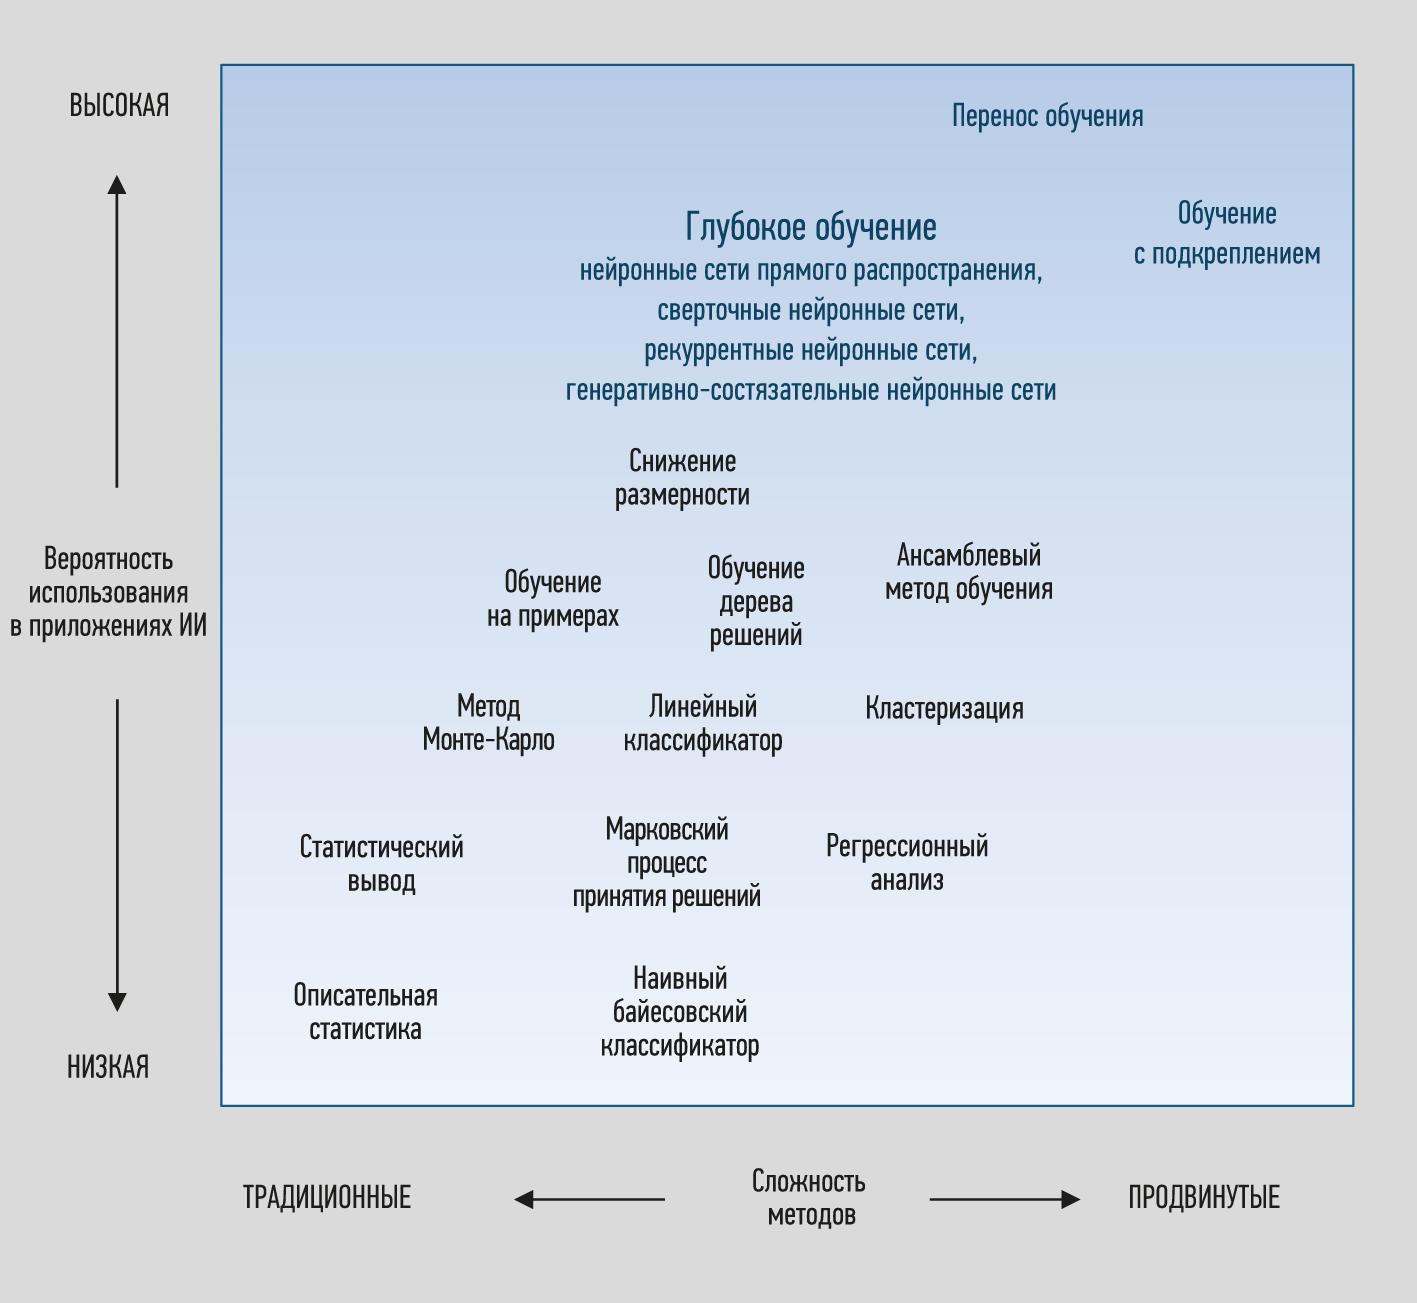 Аналитические методы и технологии для промышленных приложений